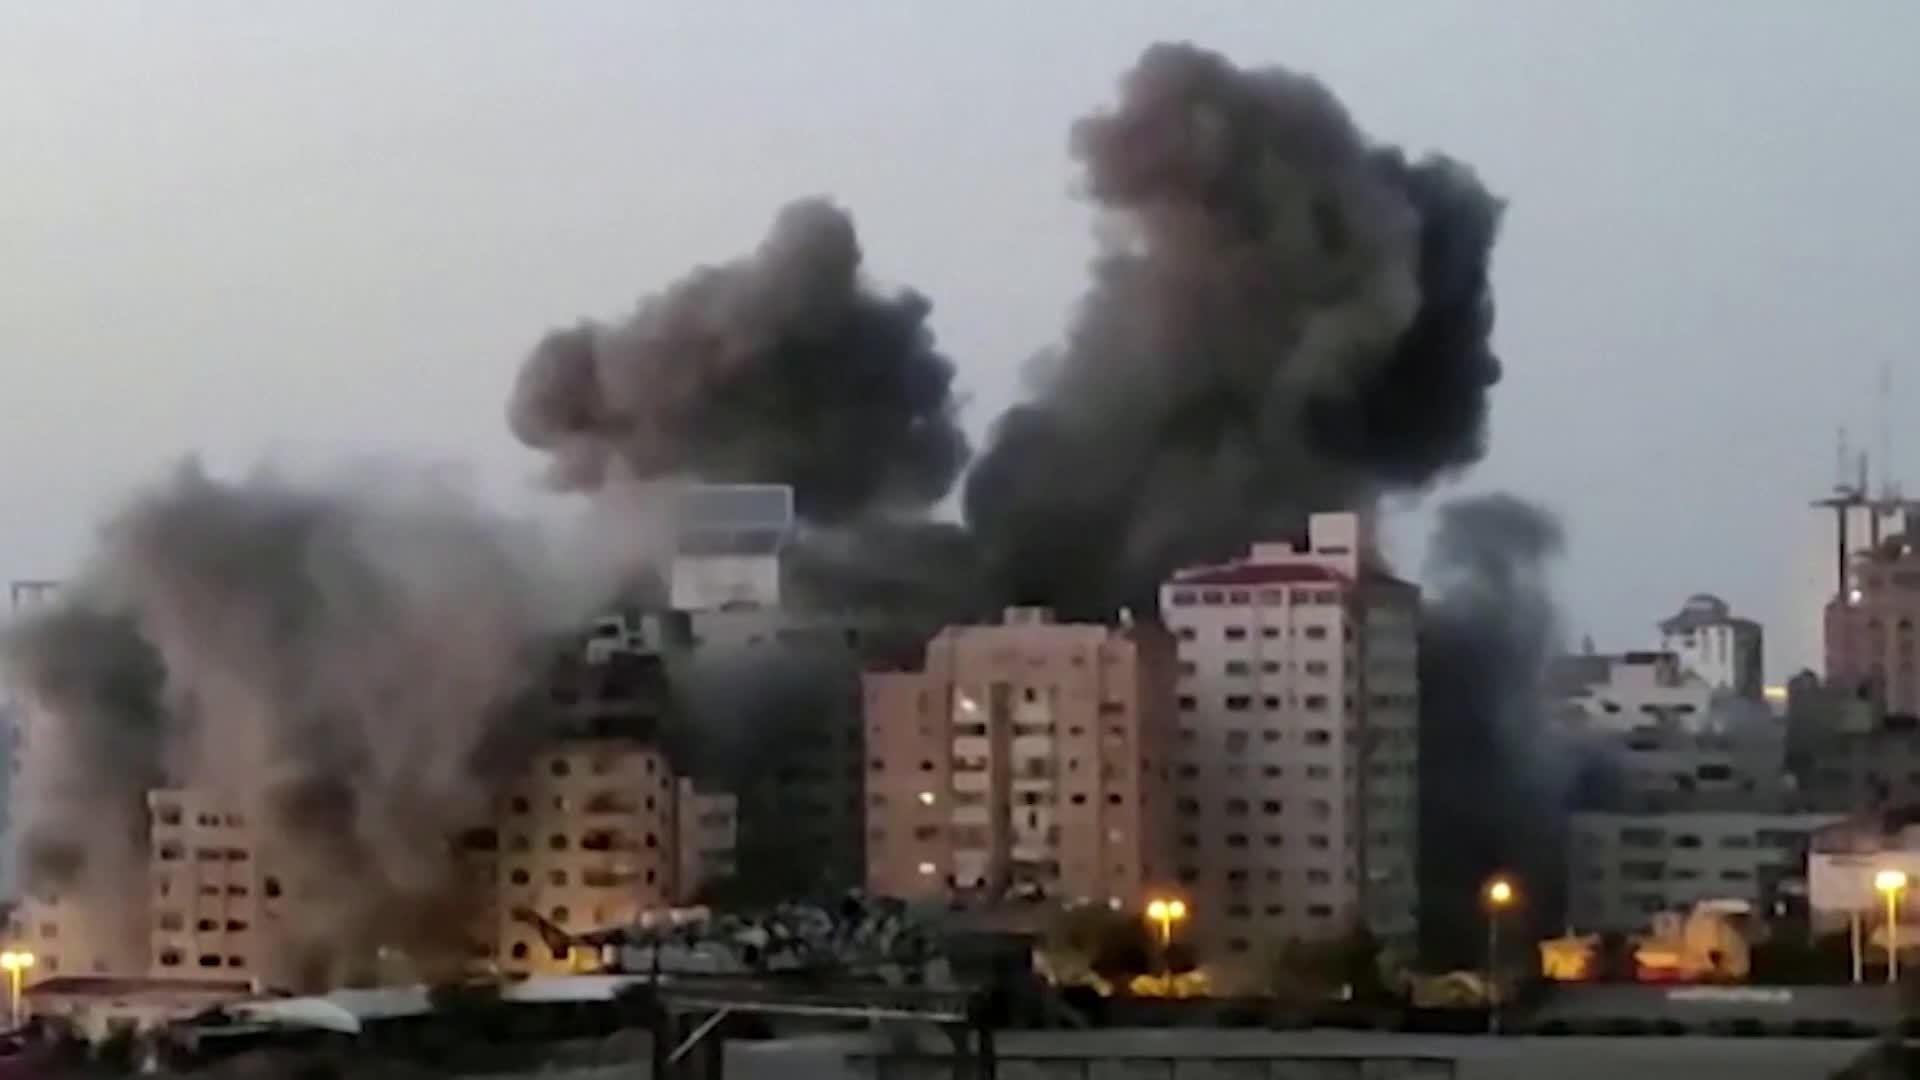 انفجارات ضخمة تهز تل أبيب وعشرات الصواريخ تتساقط عليها وعدد القتلى الإسرائيليين حتى الآن 2